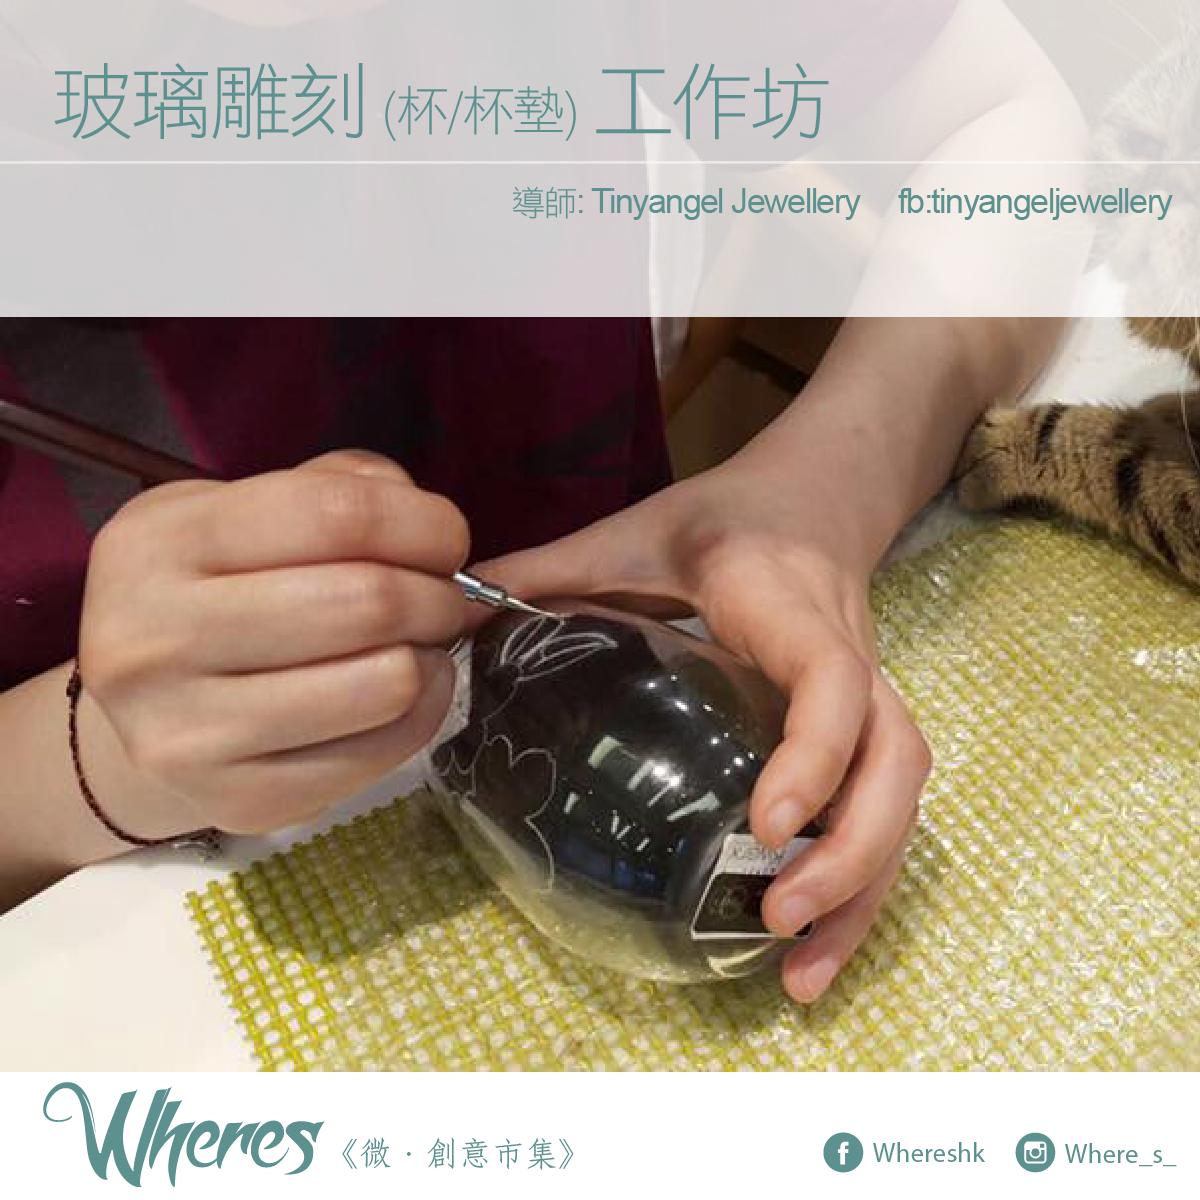 《微 · 創意市集》玻璃雕刻 工作坊